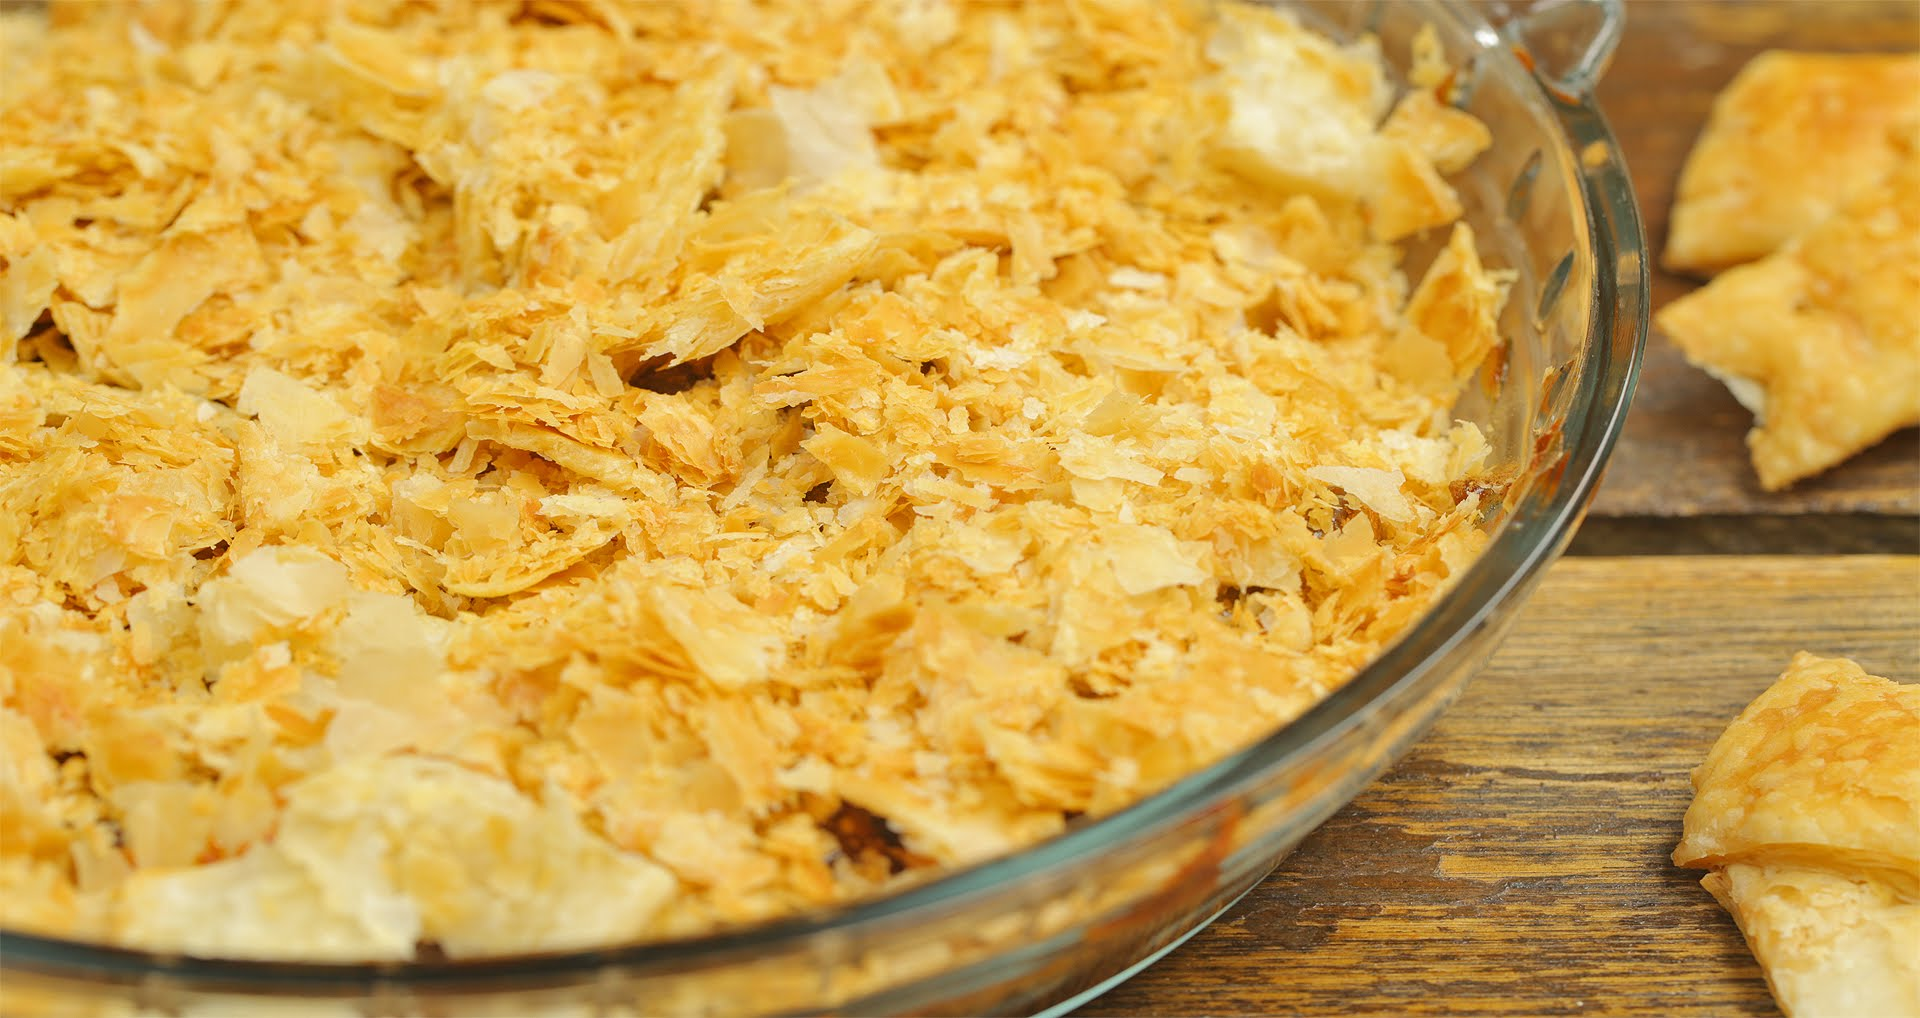 صور حلى قشور البصل طريقة سهلة وسريعة لتحضير كيك قشور البصل